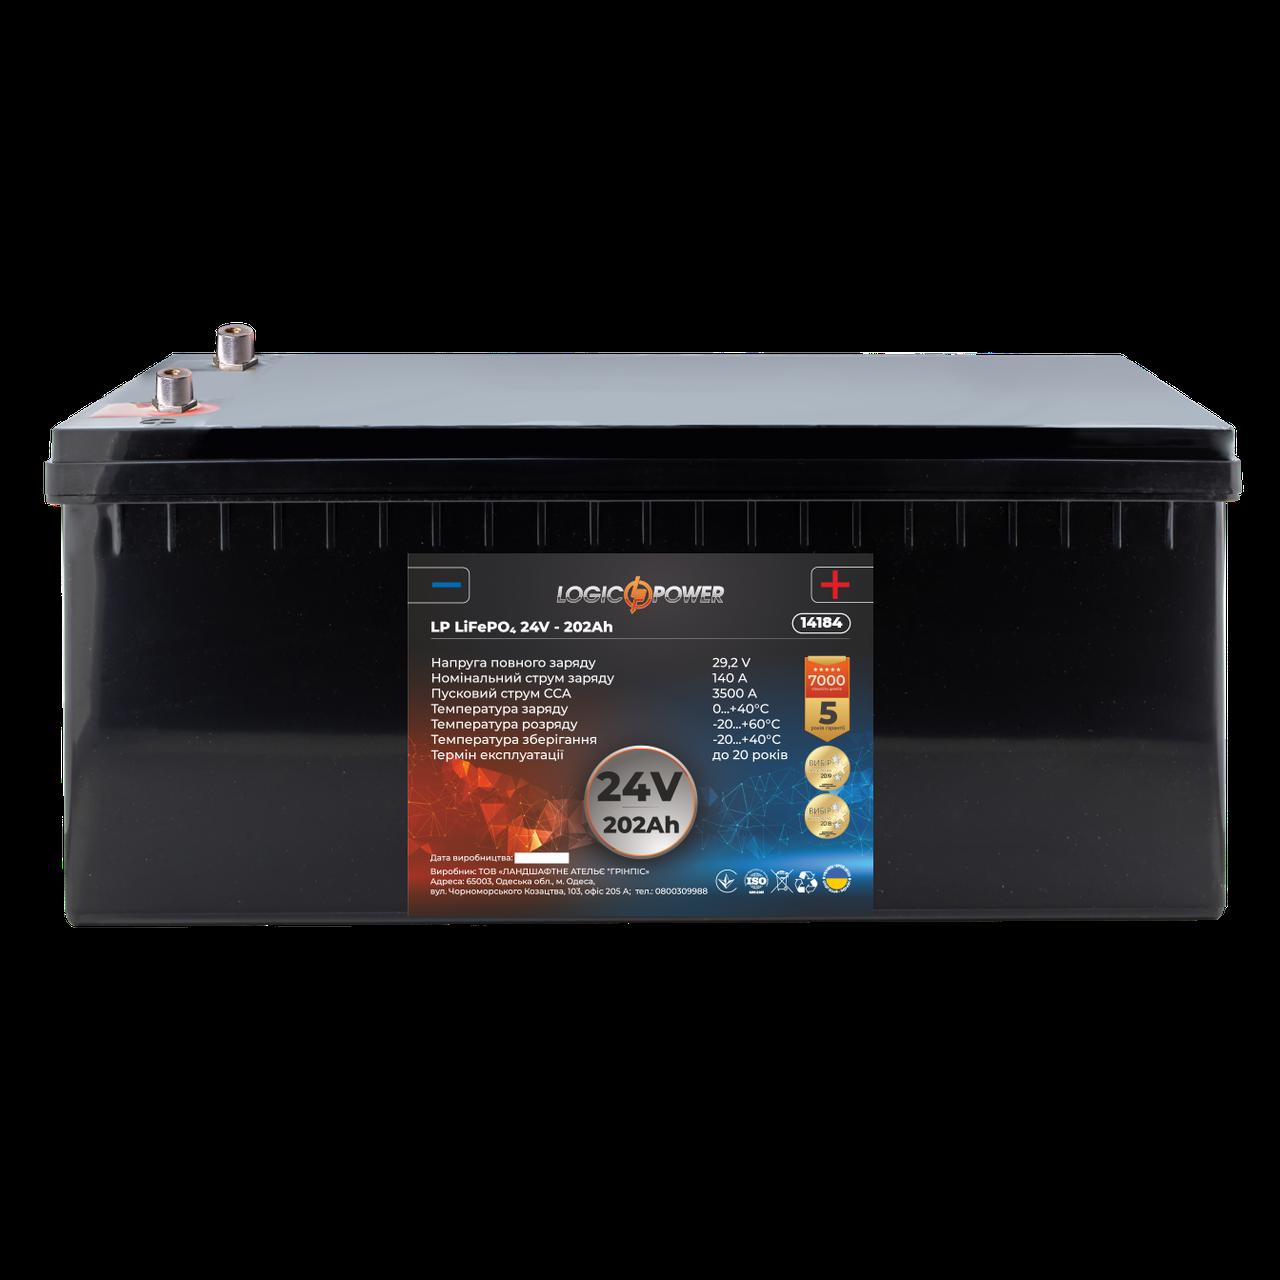 Аккумулятор для автомобиля литиевый LP LiFePO4 24V - 202 Ah (+ справа, обратная полярность) пластик